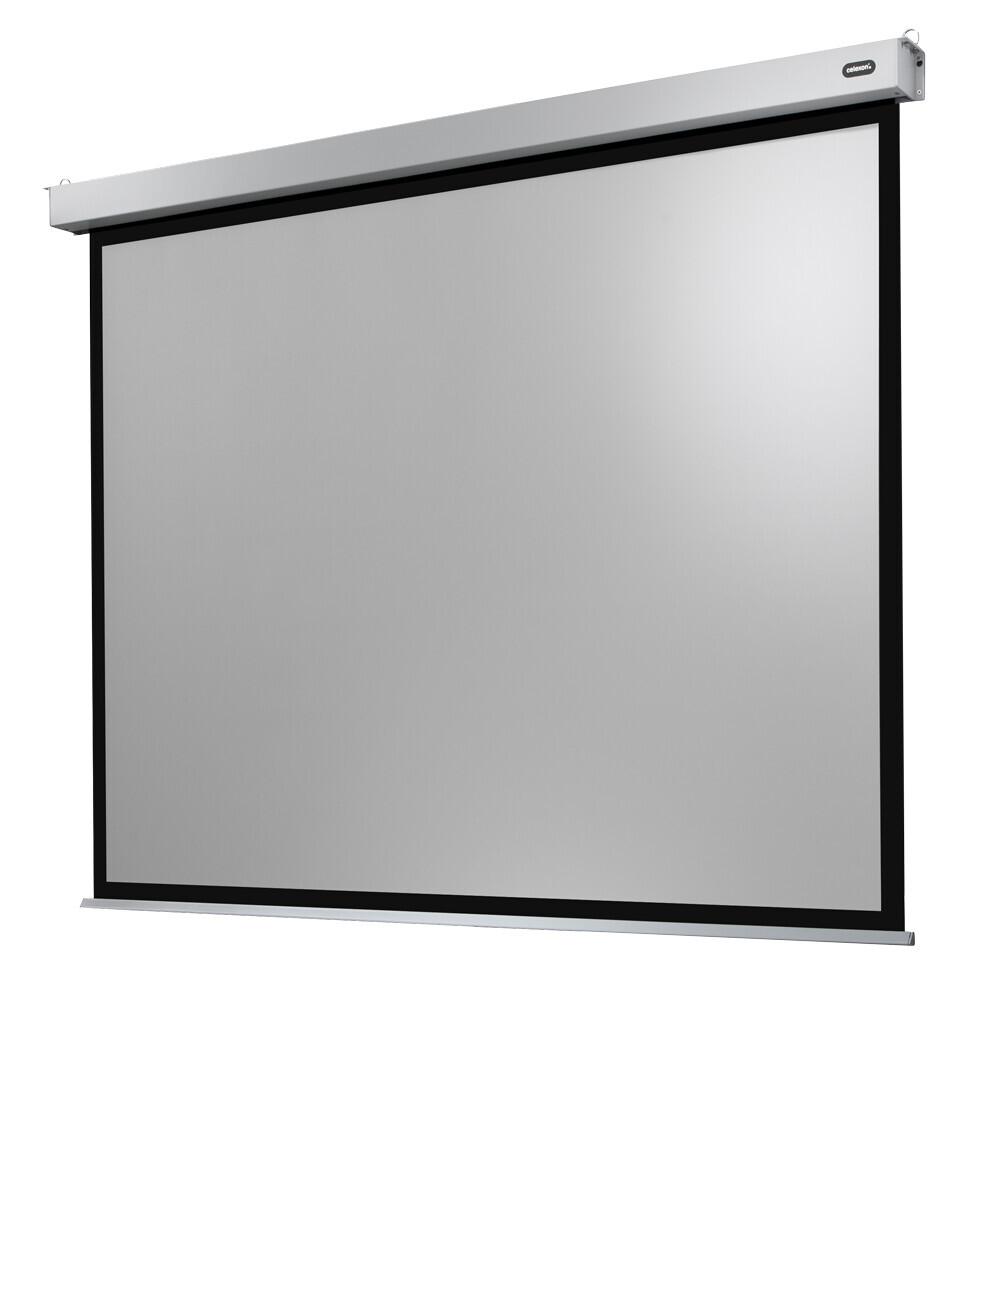 Ecran de projection celexon Motorisé PRO PLUS 280 x 210 cm